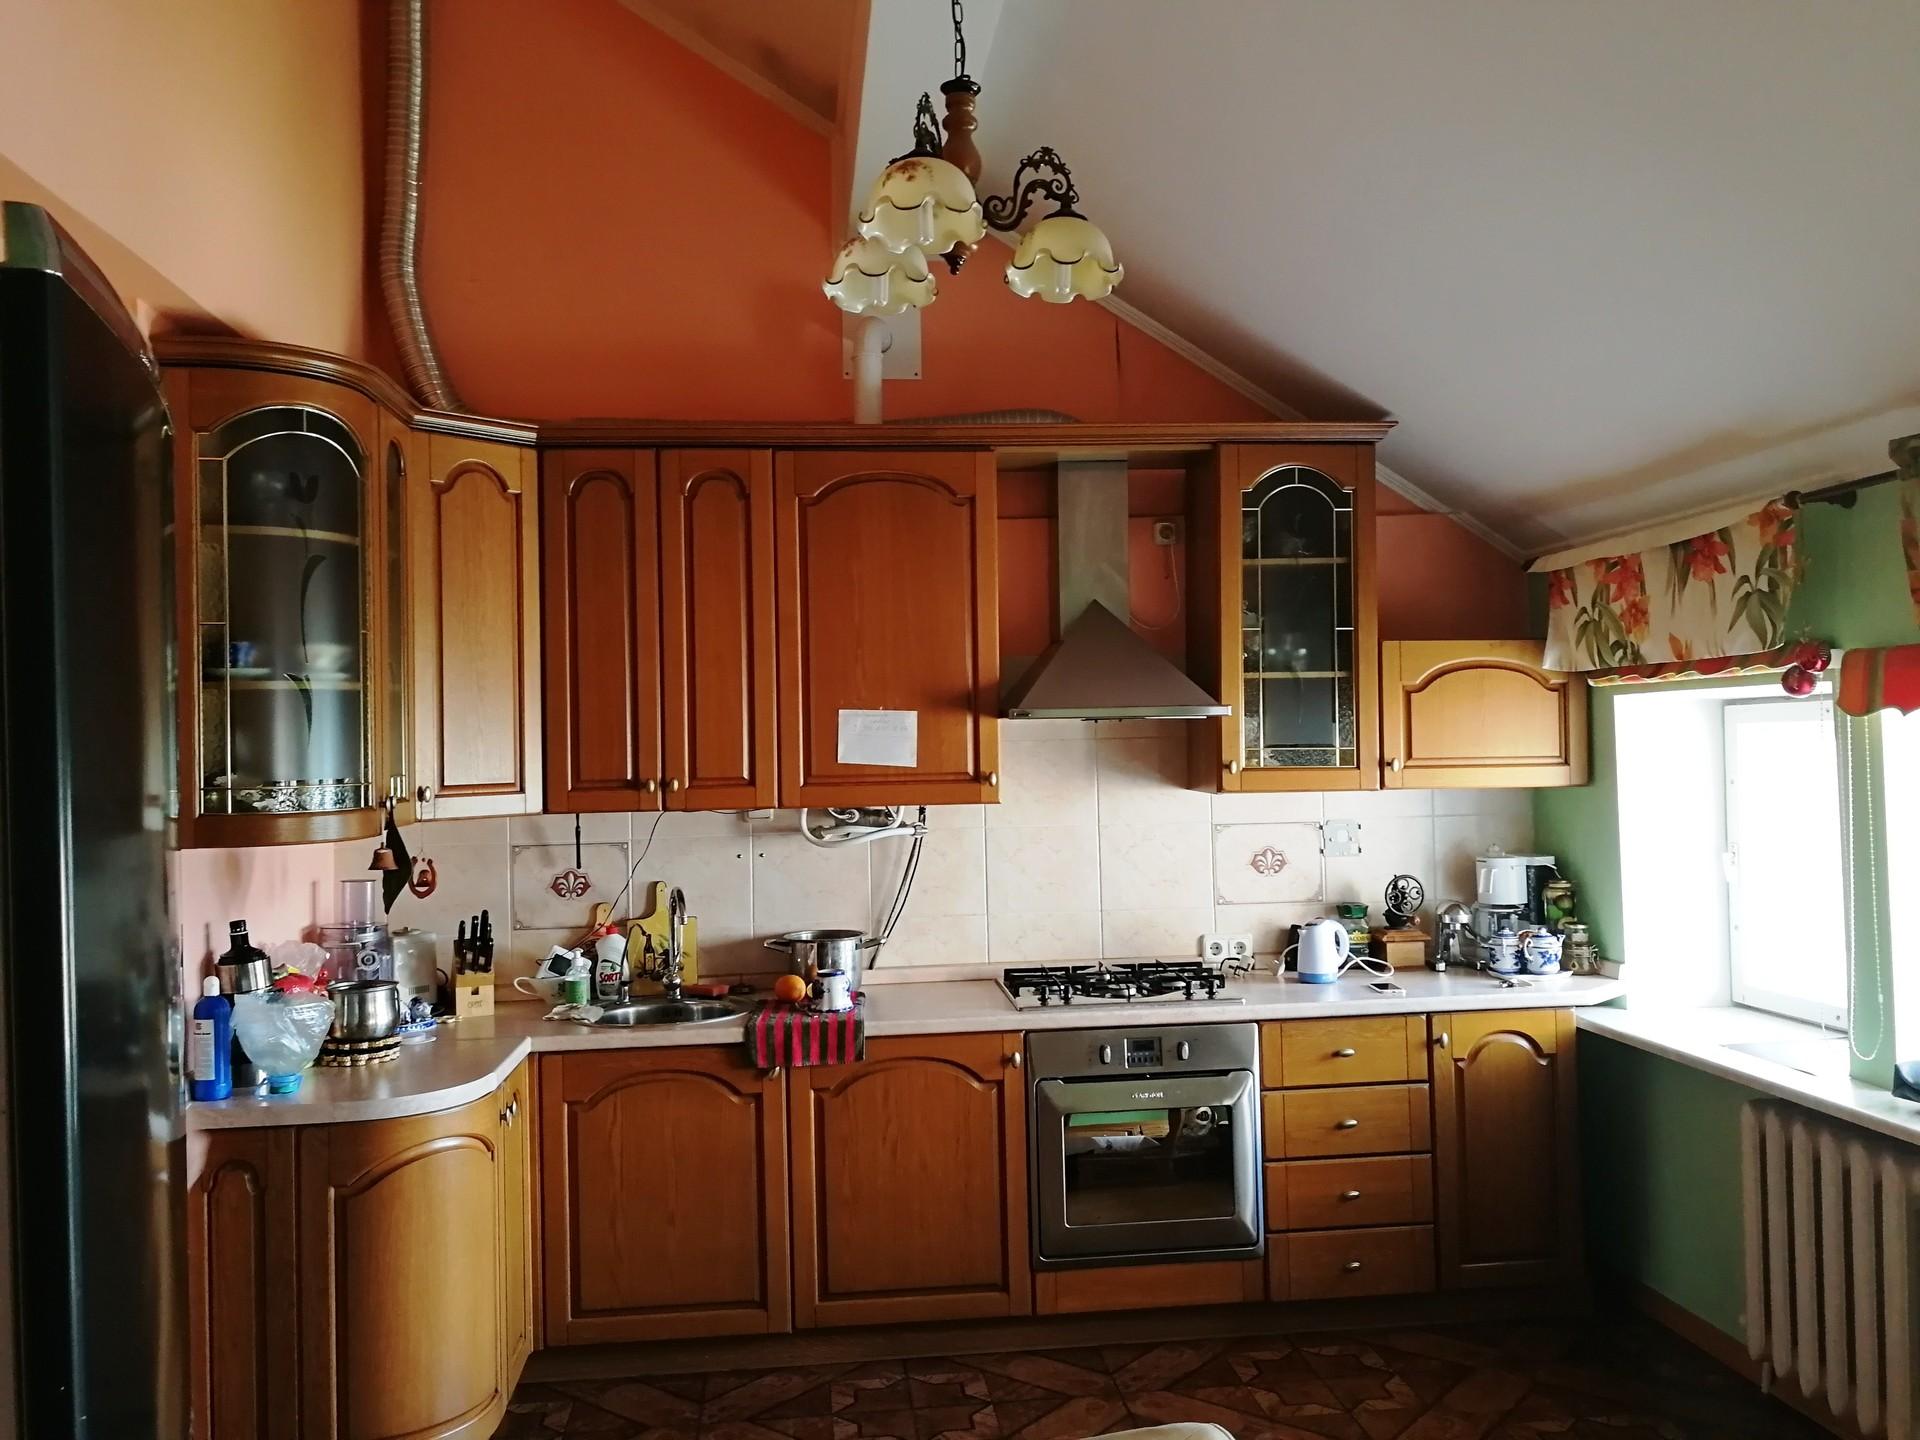 Купить 2-комнатную квартиру, 92 м² по адресу Калуга, Смоленская улица, 3, 3 этаж недорого в ДомКлик — поиск, проверка, безопасная сделка с жильем в офисе Сбербанка.